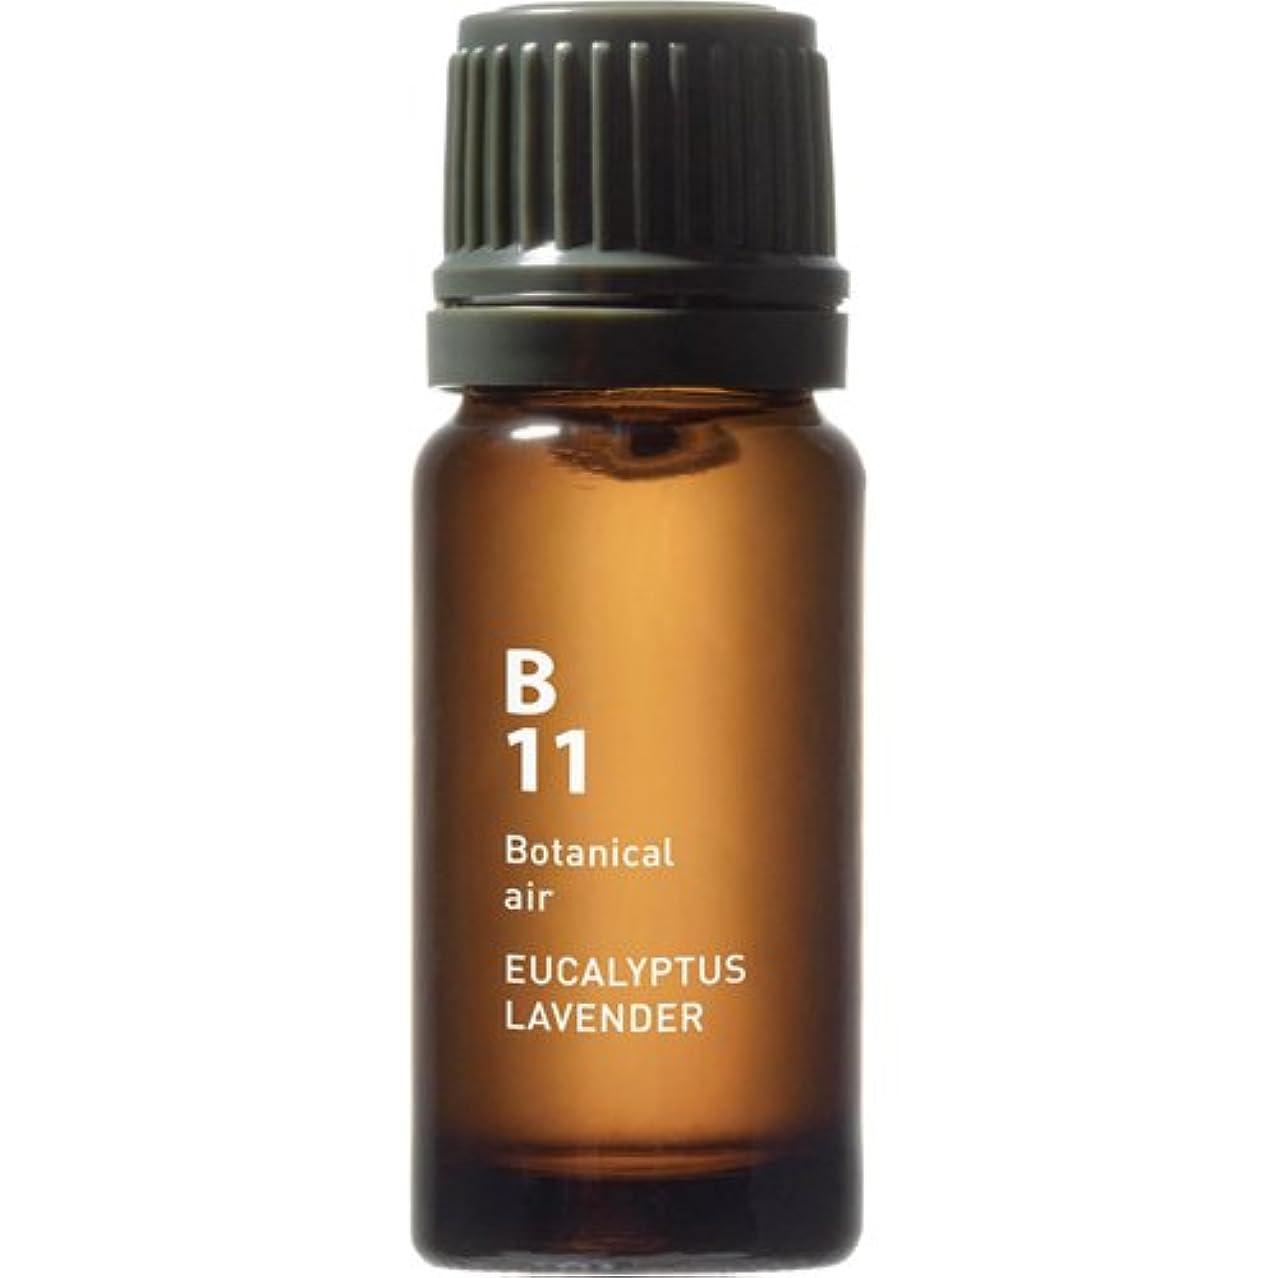 テクスチャー日付付き誓いB11 ユーカリラベンダー Botanical air(ボタニカルエアー) 10ml